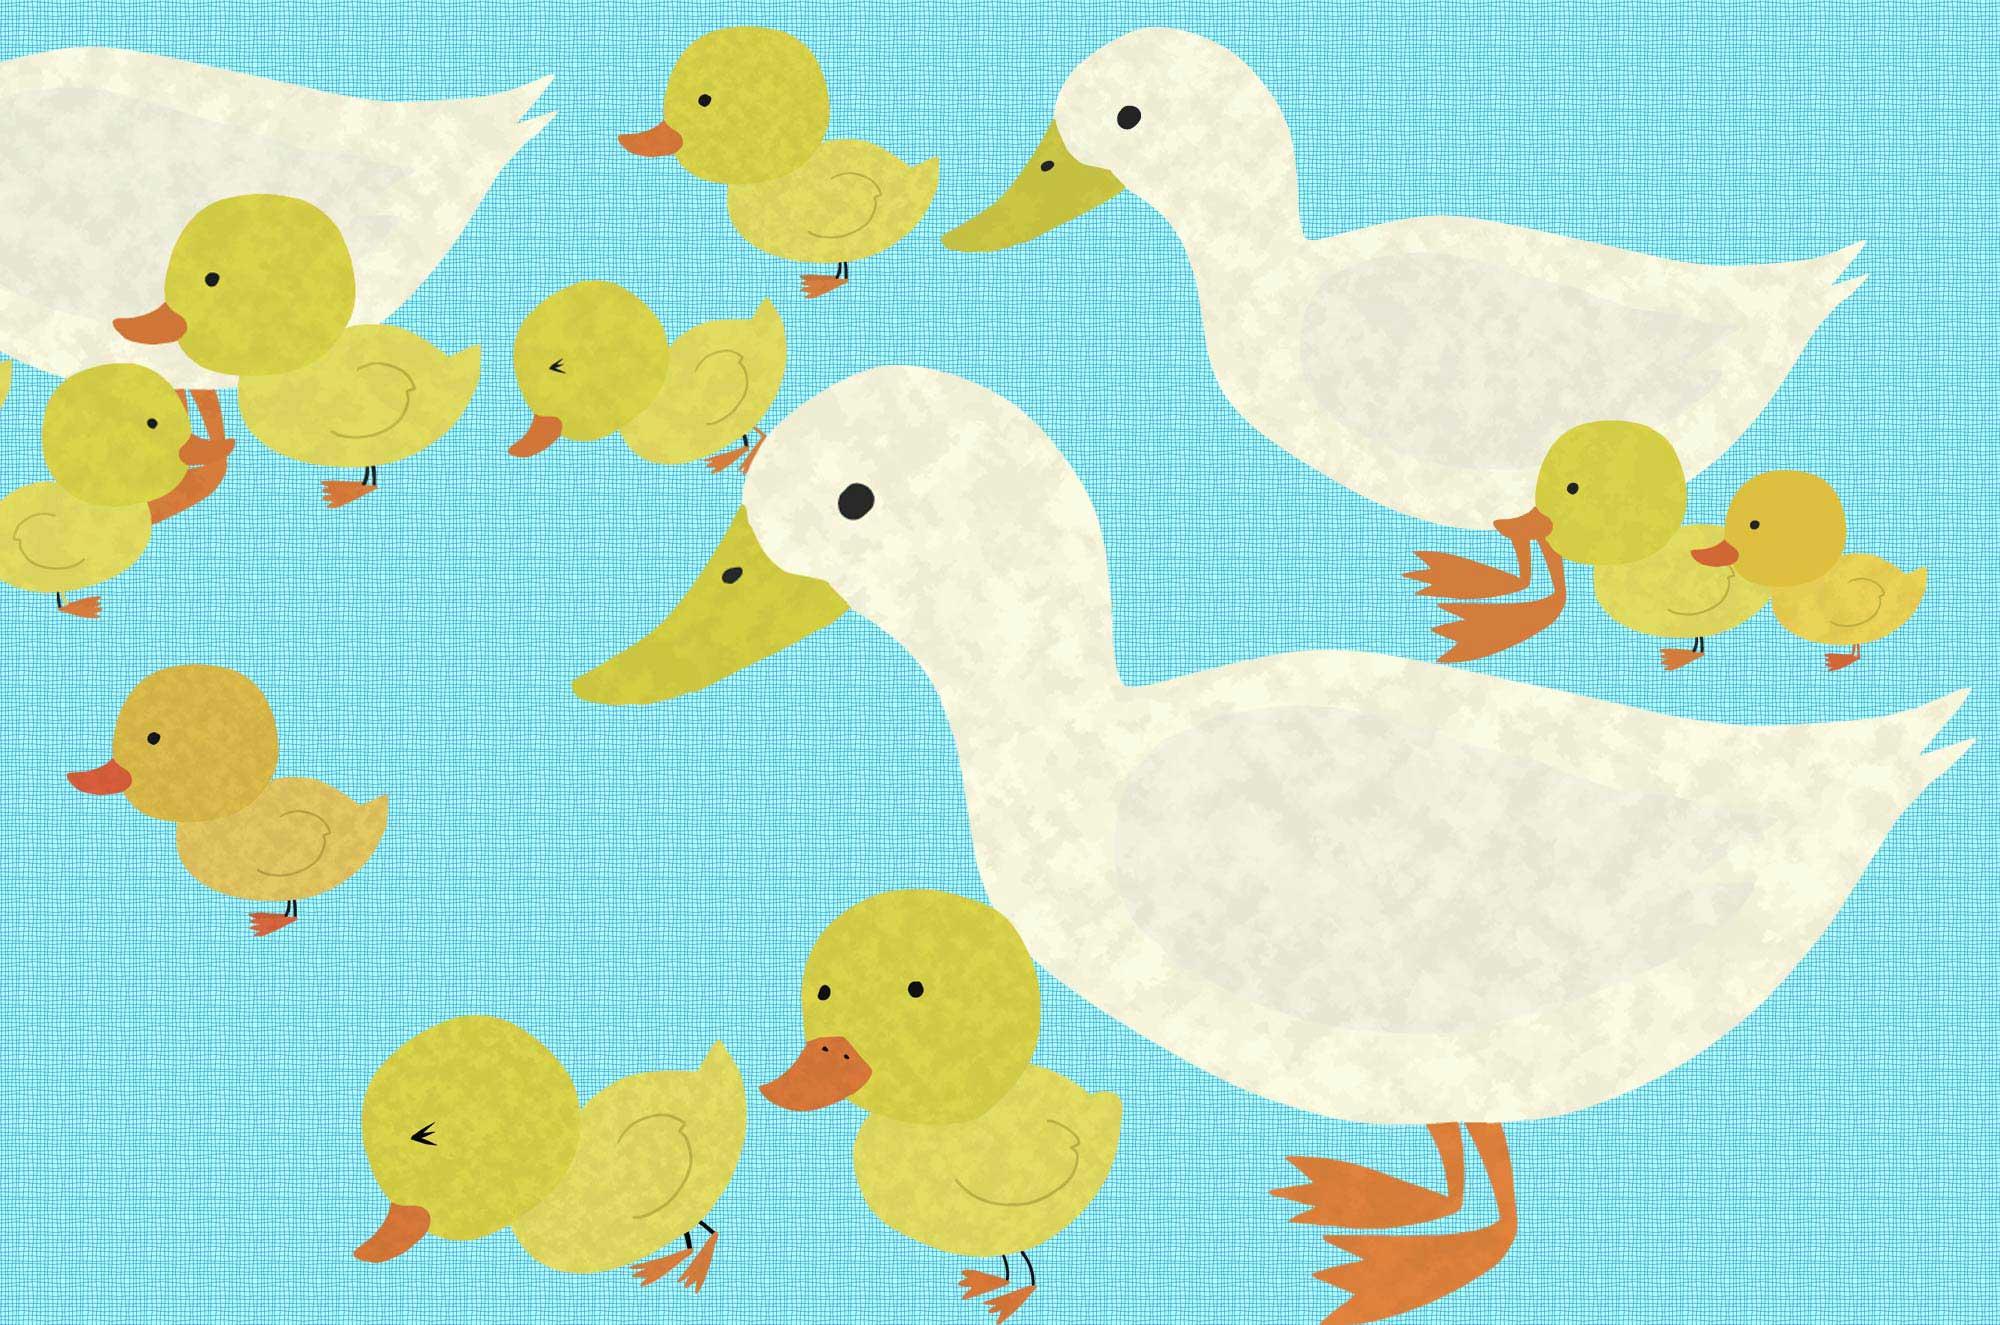 アヒルのイラスト - よちよち歩く可愛い鳥の無料素材